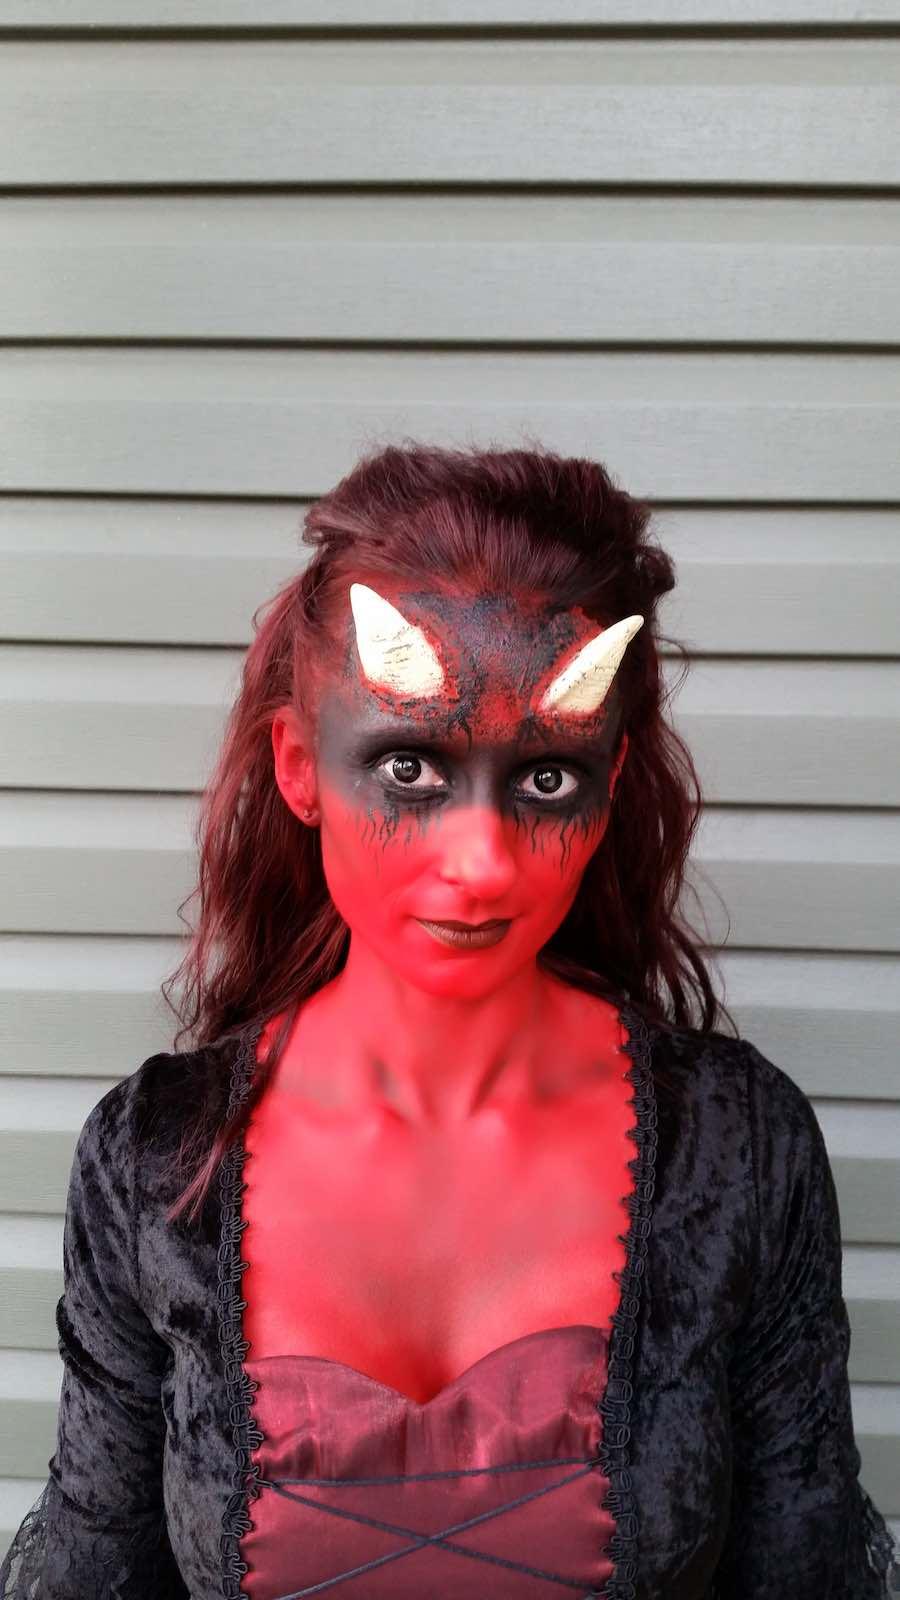 Devil_FX_Halloween_Makeup_Artists_YEG_Edmonton_Eclectica_Beauty_Studio_Astrid_Woodard-sm